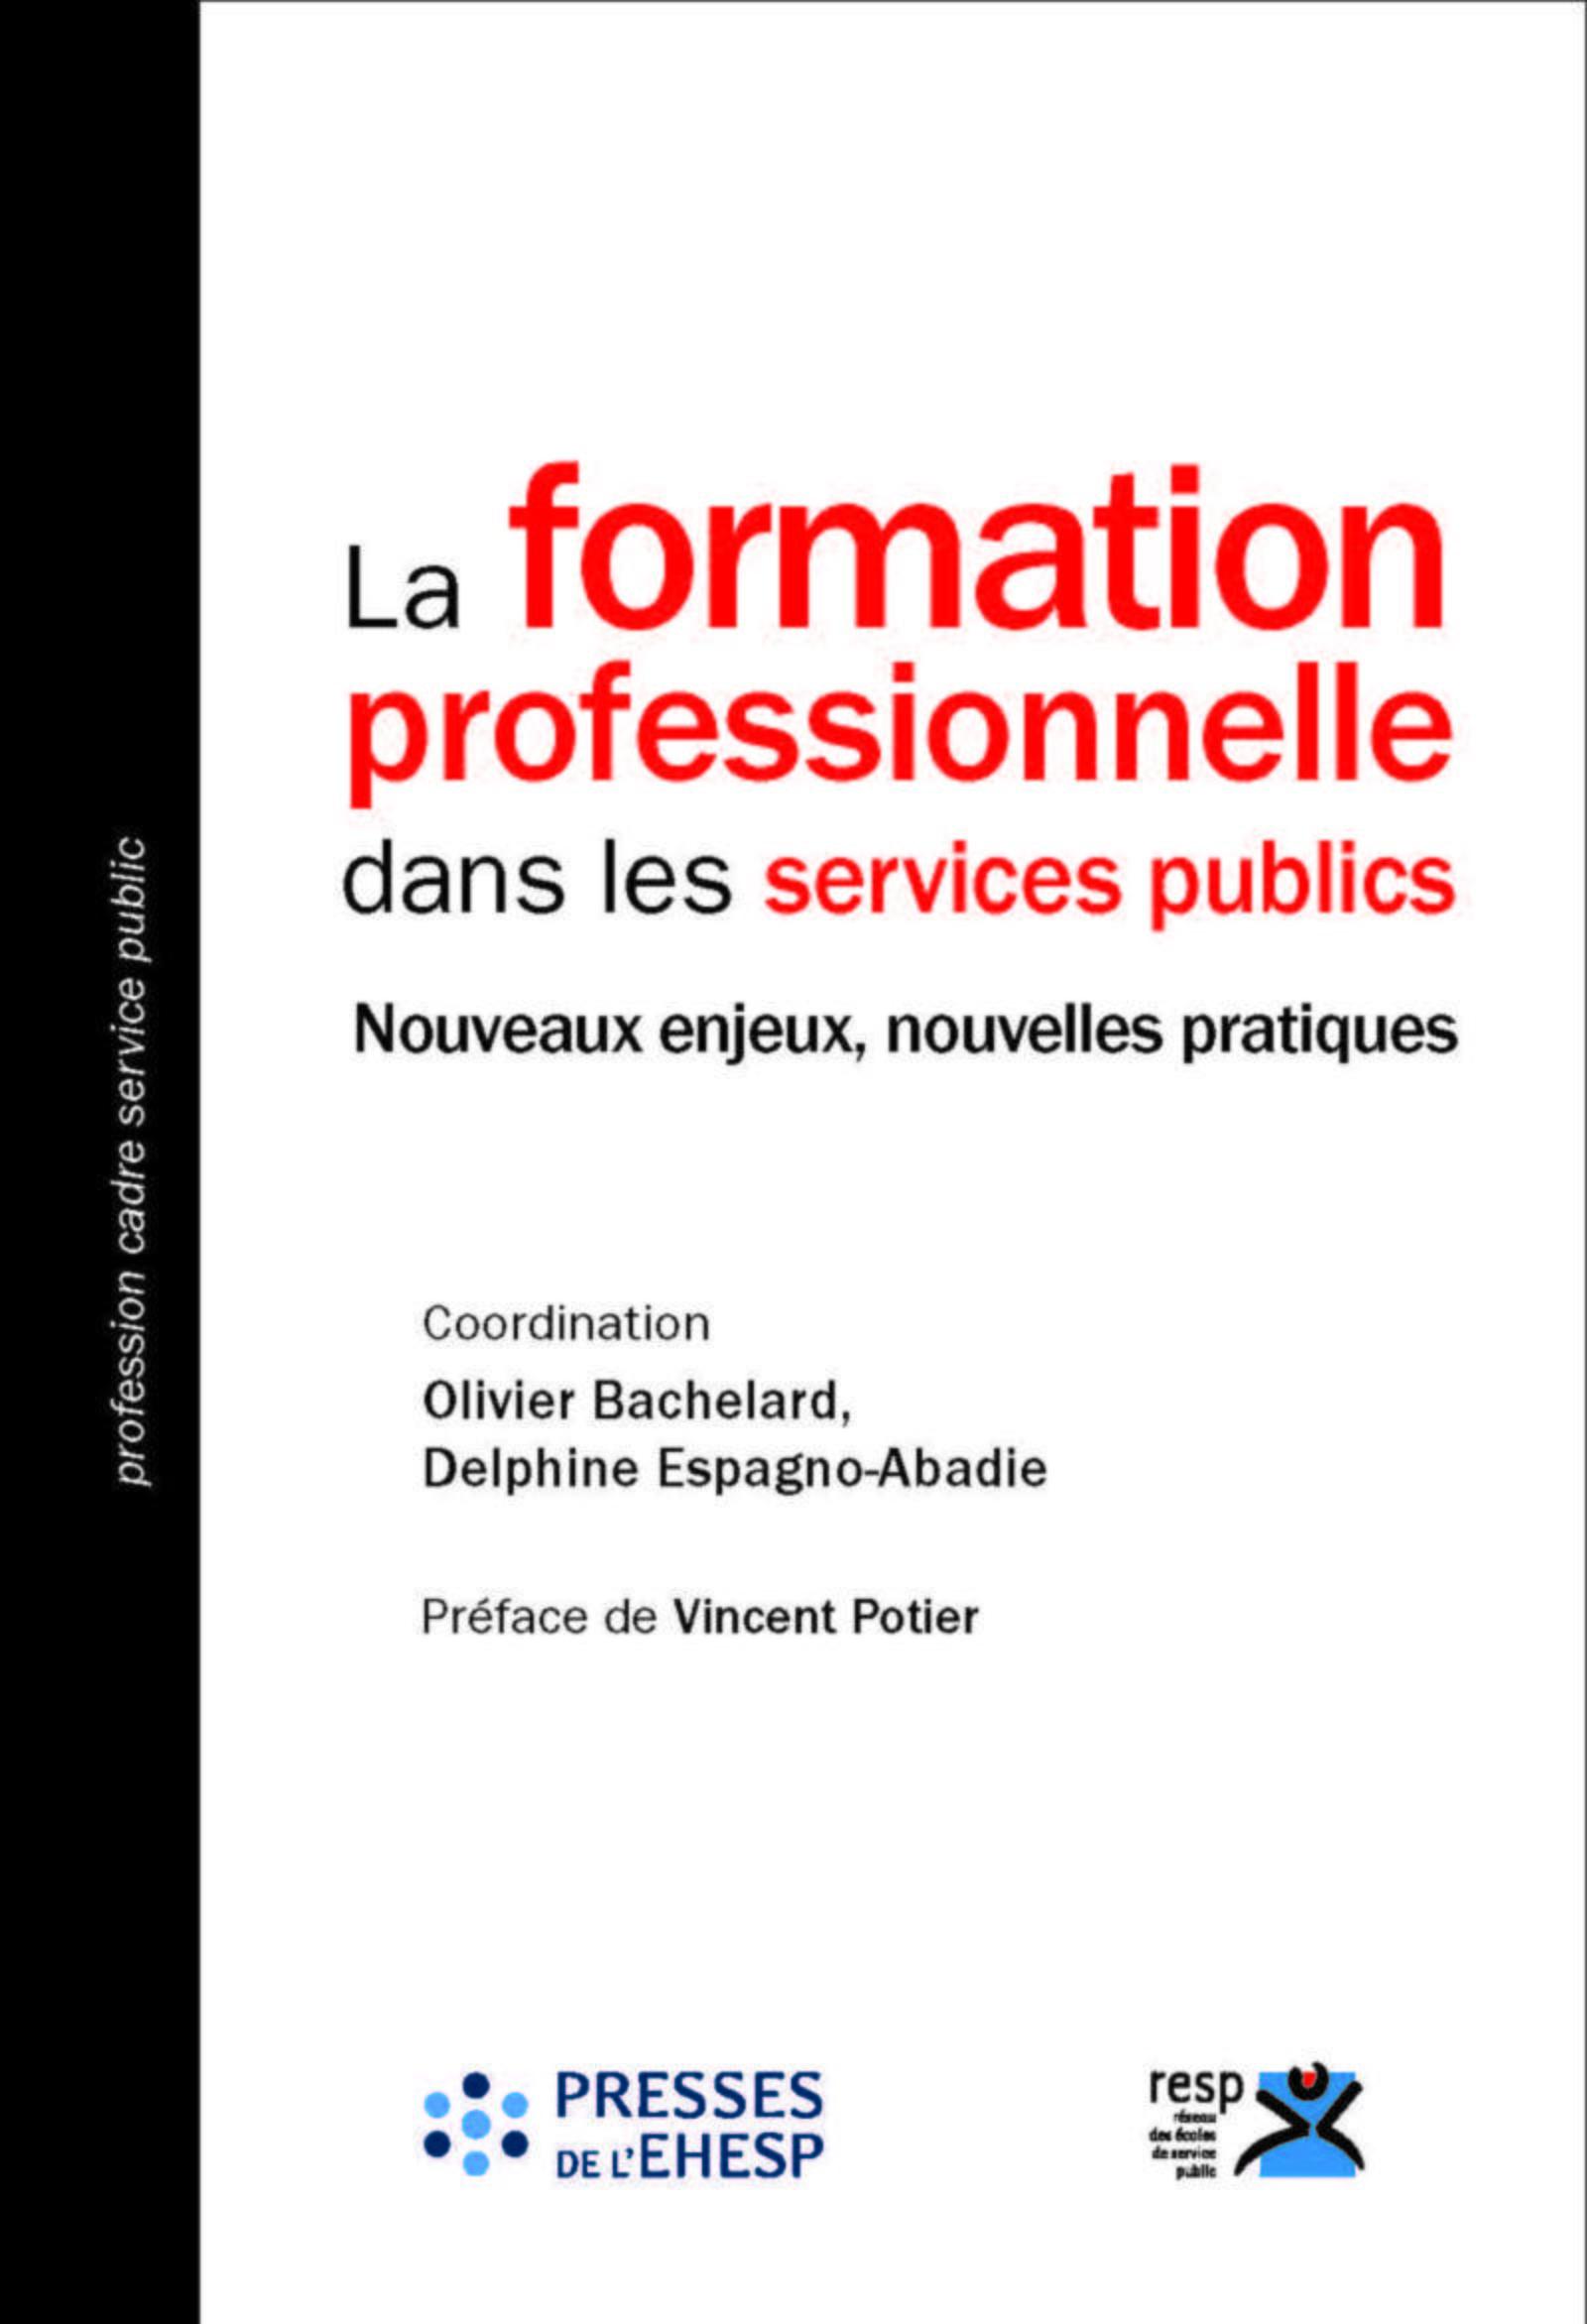 LA FORMATION PROFESSIONNELLE DANS LES SERVICES PUBLICS - NOUVEAUX ENJEUX, NOUVELLES PRATIQUES. PREFA